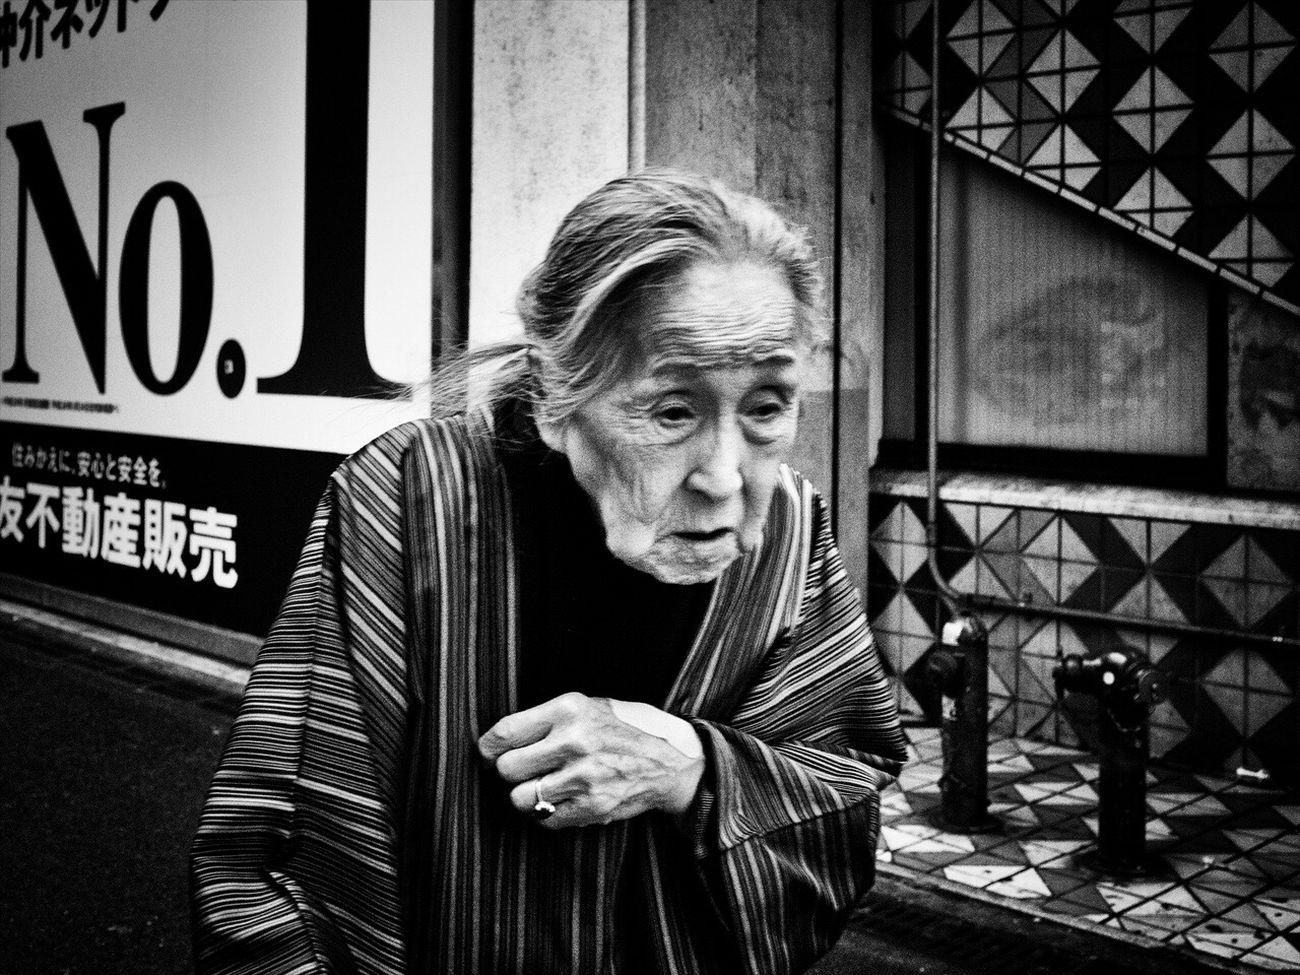 トーキョー・ブルース ~Tokyo Blues~ Sting_the_street Streetphotography Tokyo Streetphotographers SHINJYUKU Streetphotographer Streetphoto_bw Streetphoto Shibuya Street